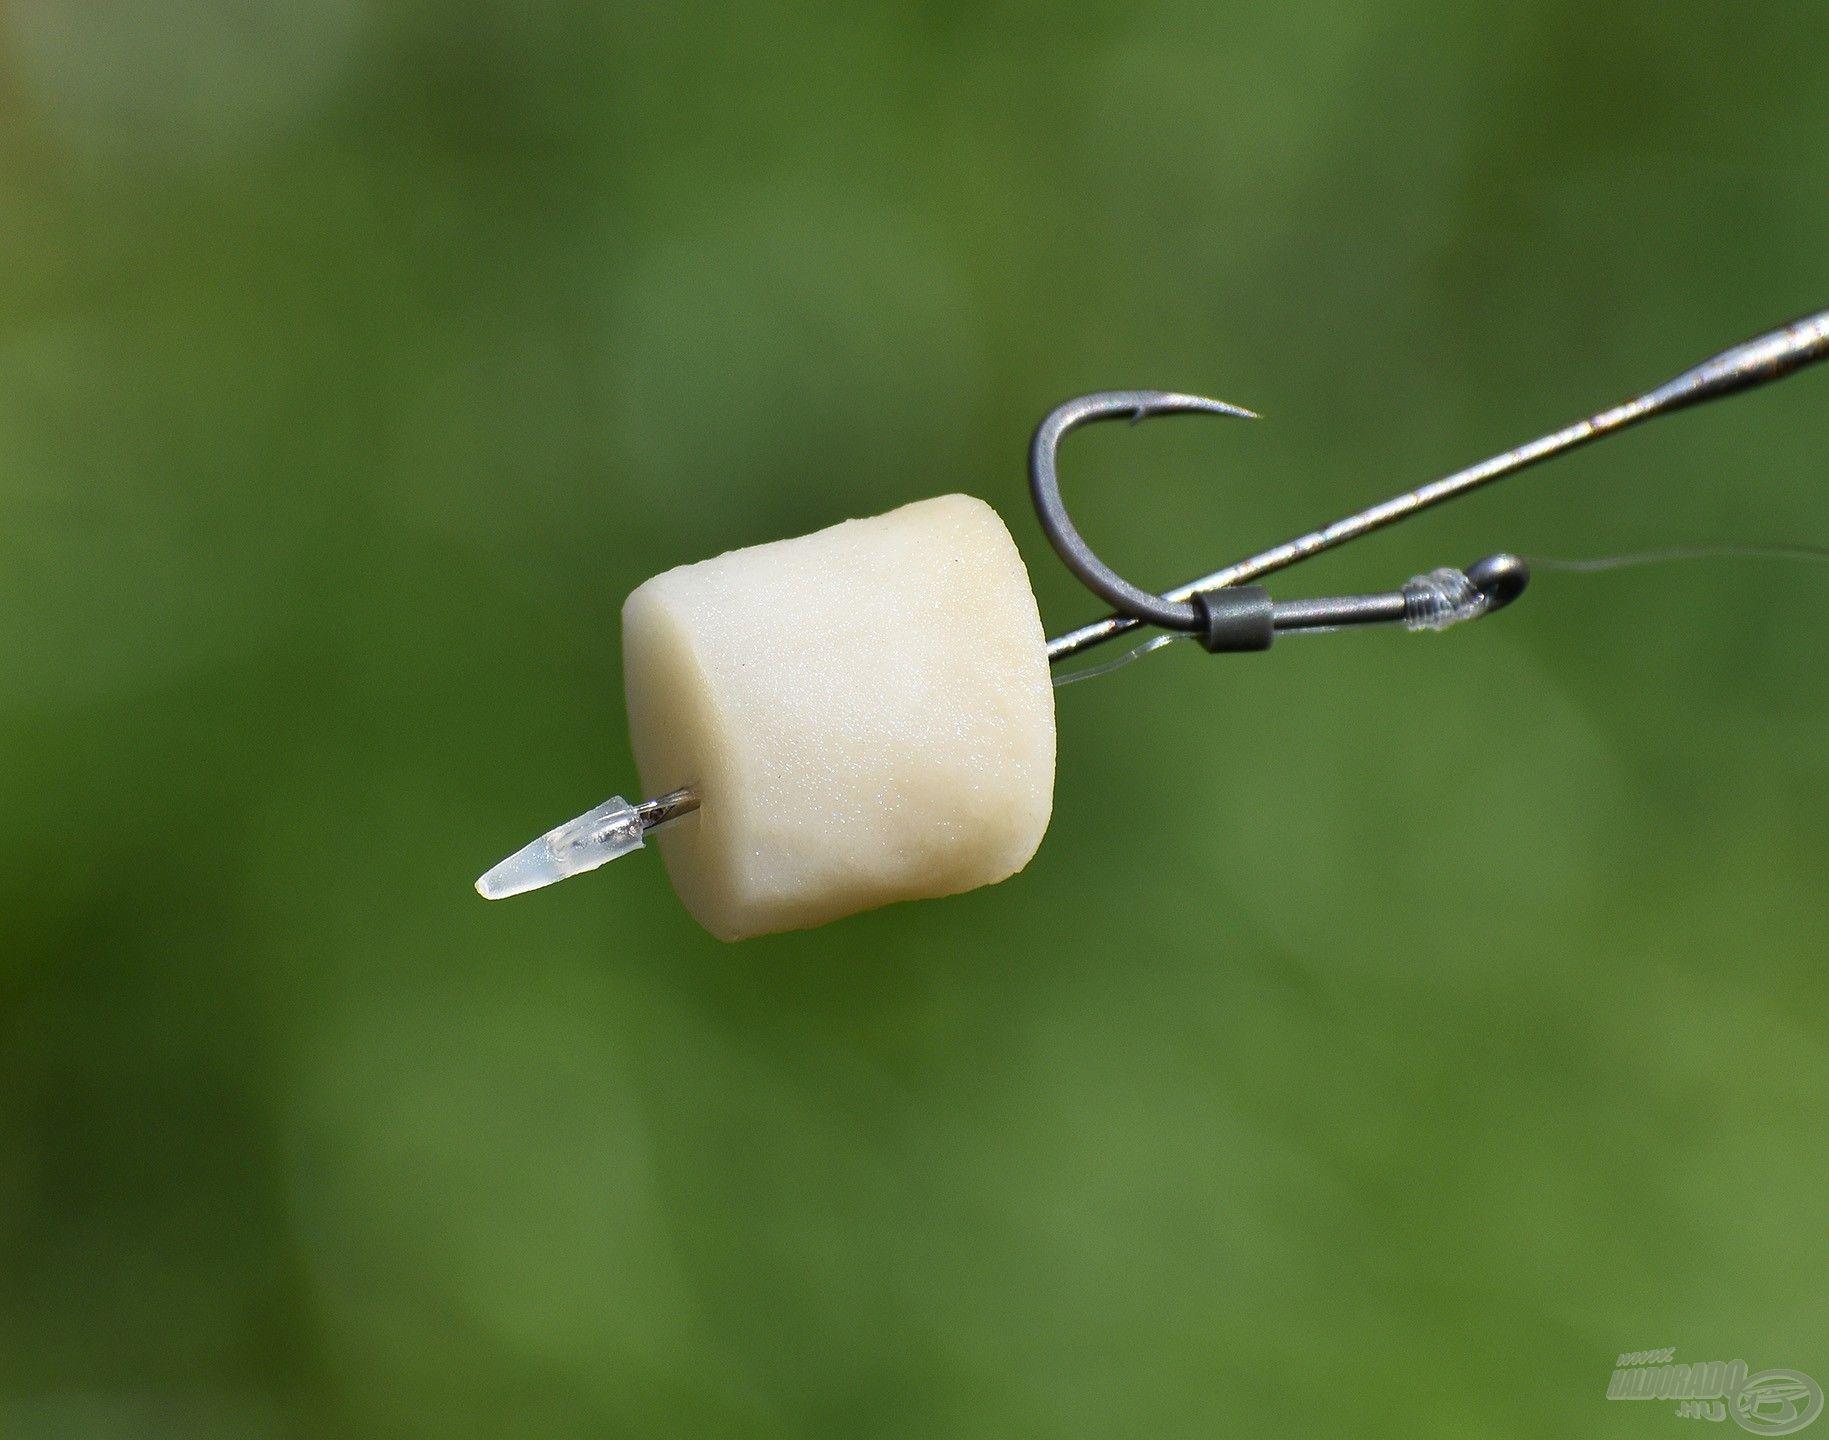 A Natural Bait rugalmas, gumis állaga gond nélkül bírja ezt a fűzést